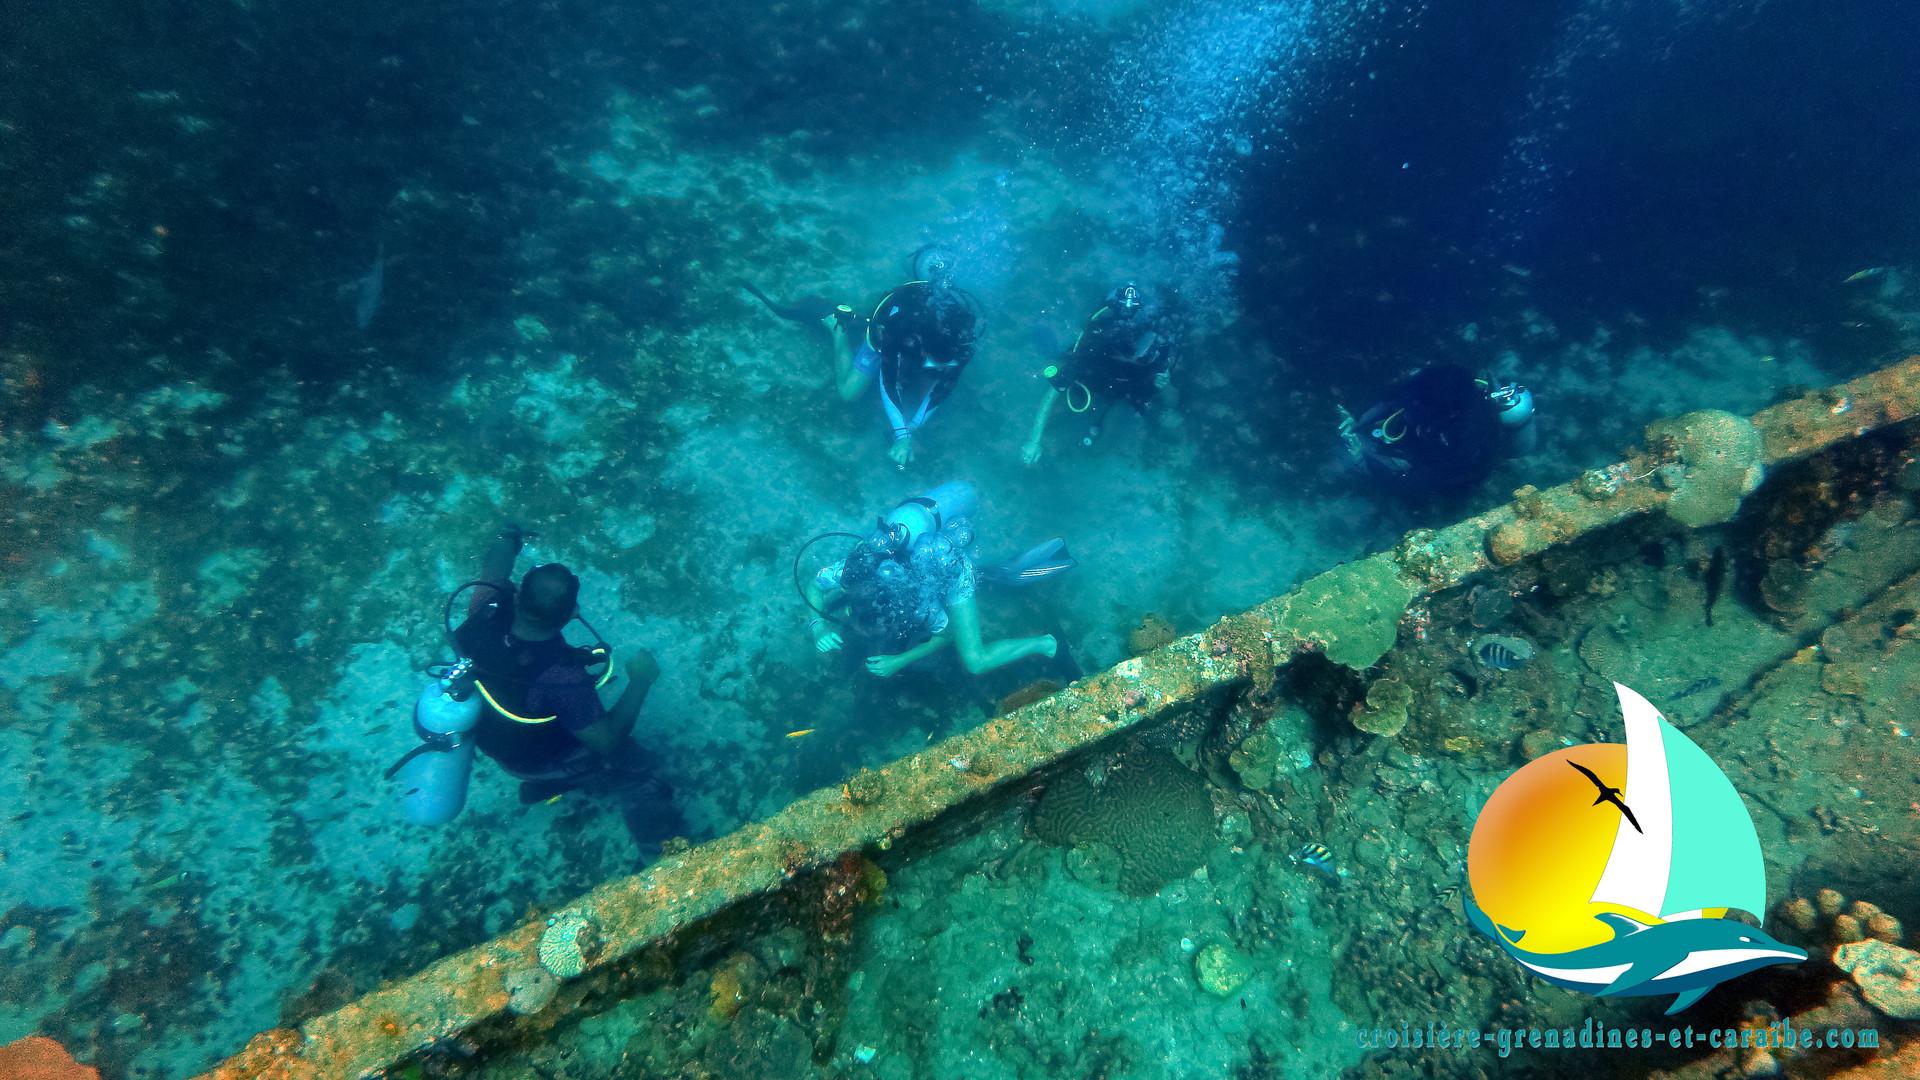 Plongée sous marine, épave sous marine, ste Lucie. dive